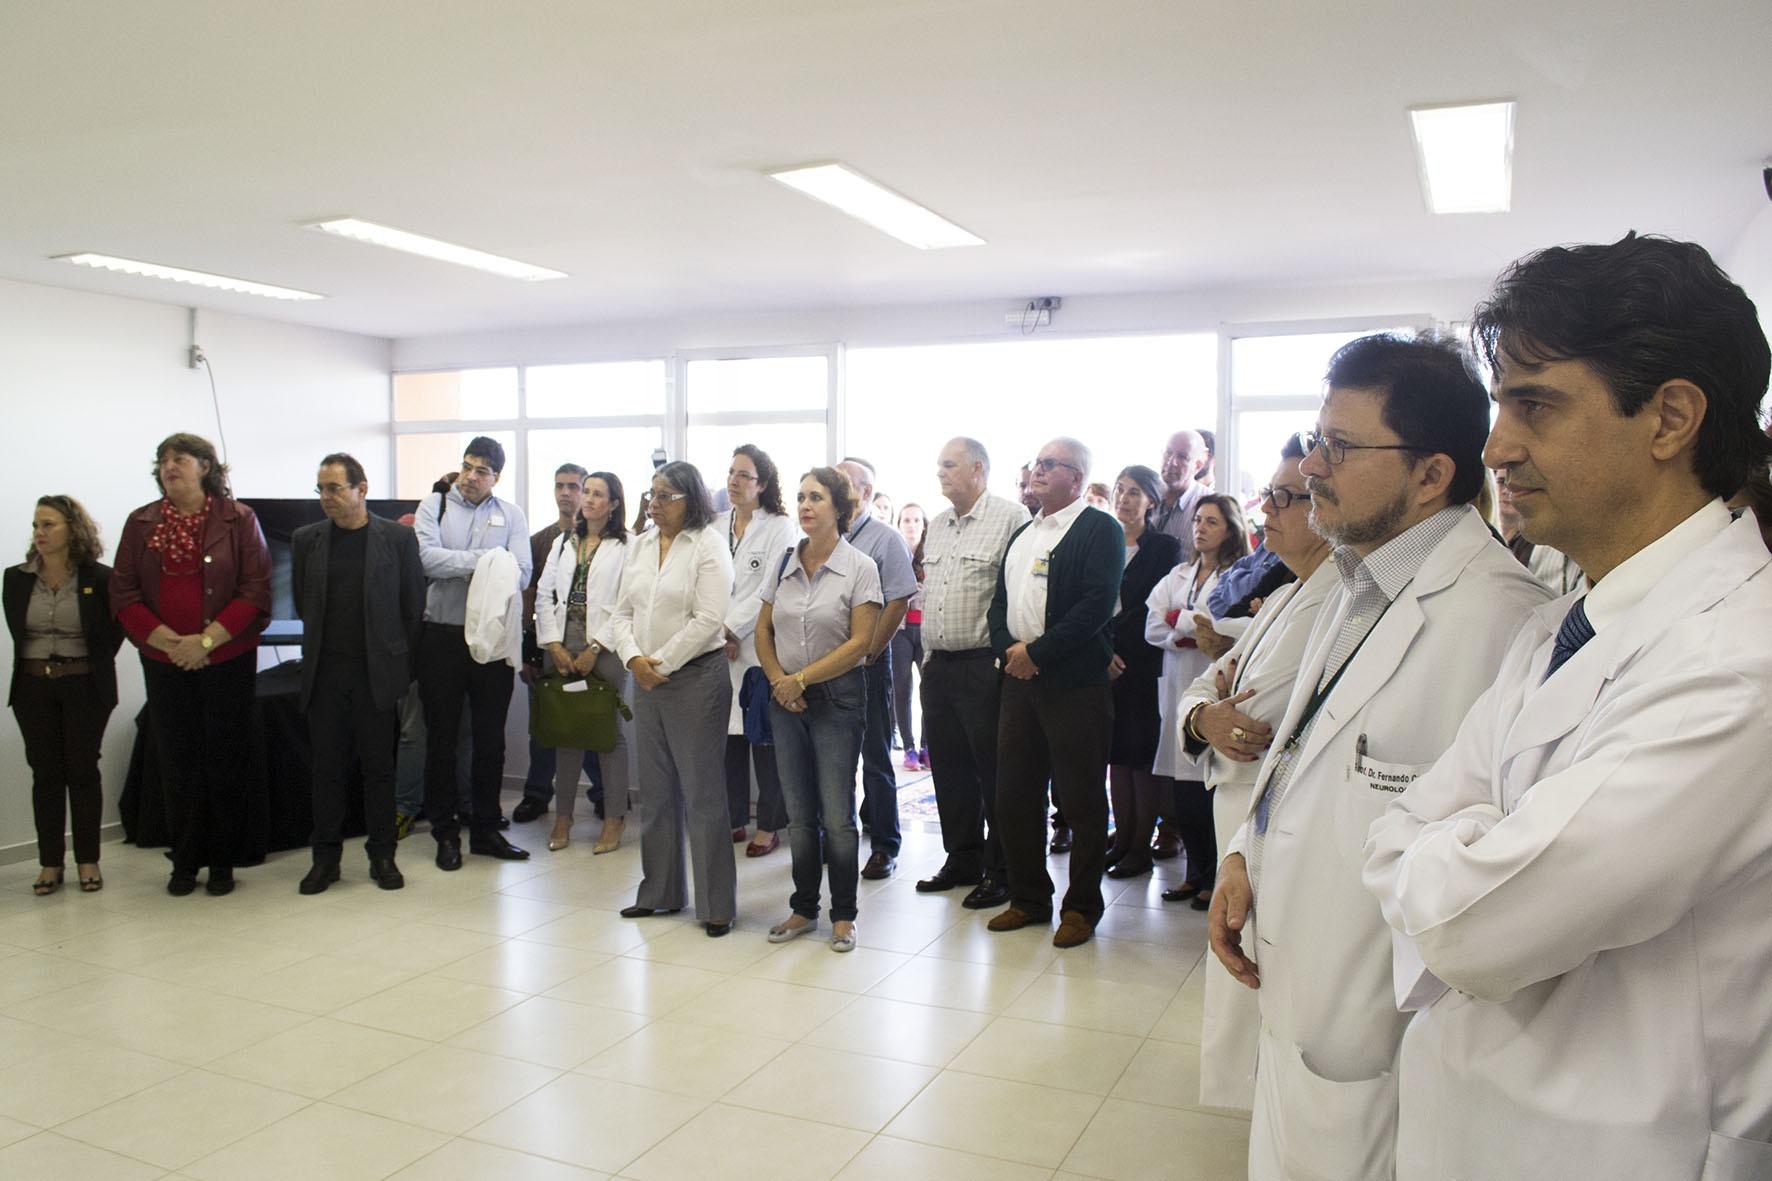 Professores da FCM prestigiam a inauguração do CPC. Foto: Marcelo Oliveira. CADCC-FCM/Unicamp